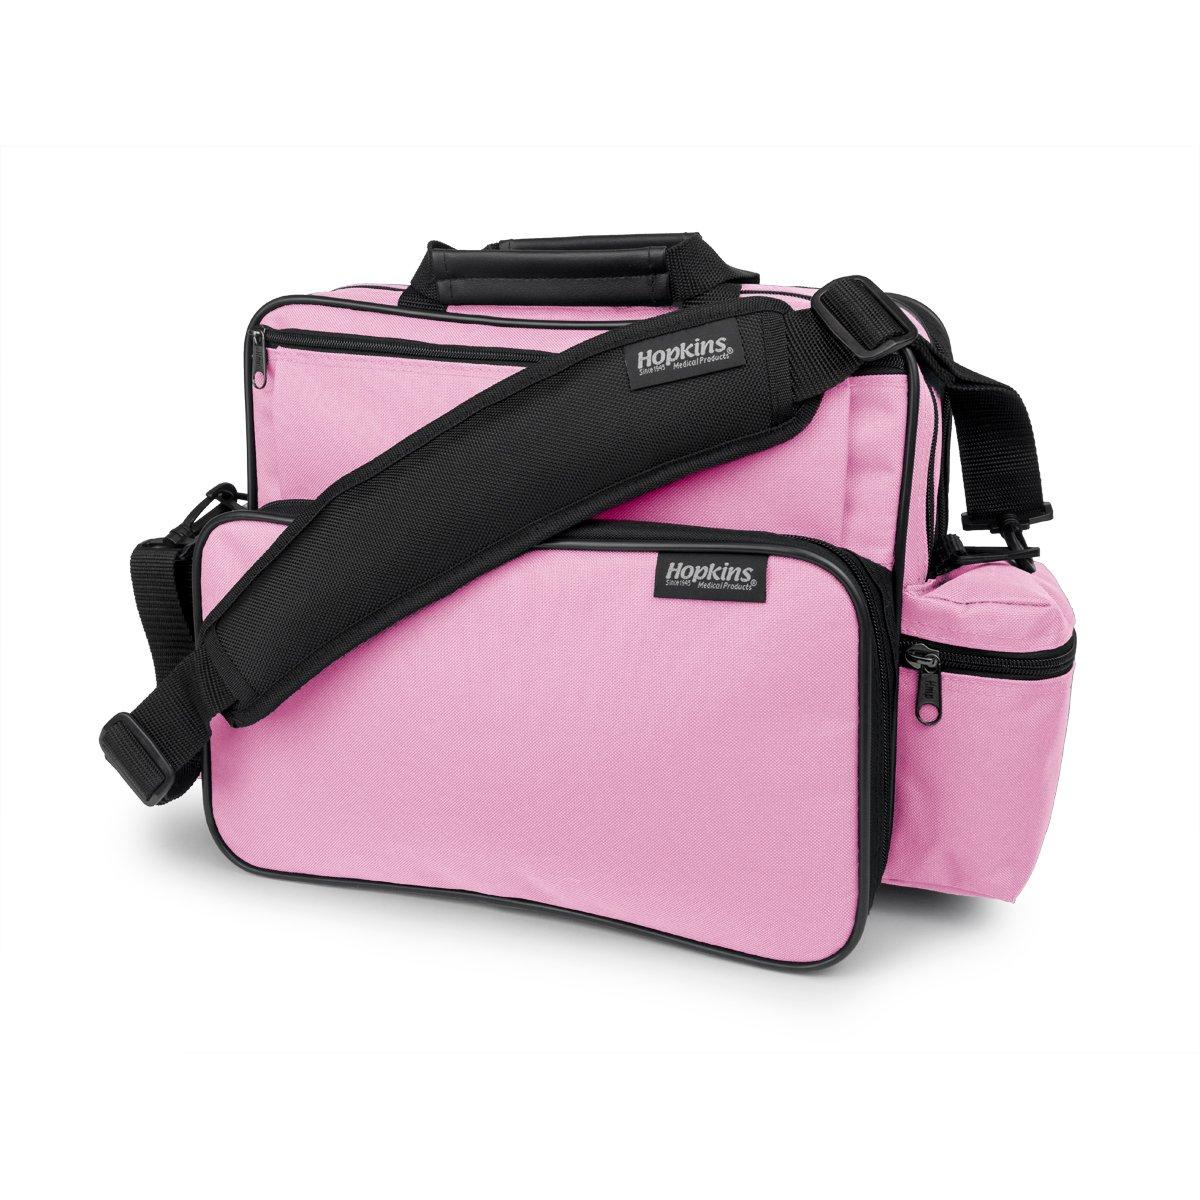 Hopkins Medical Products Home Health Shoulder Bag - Pink